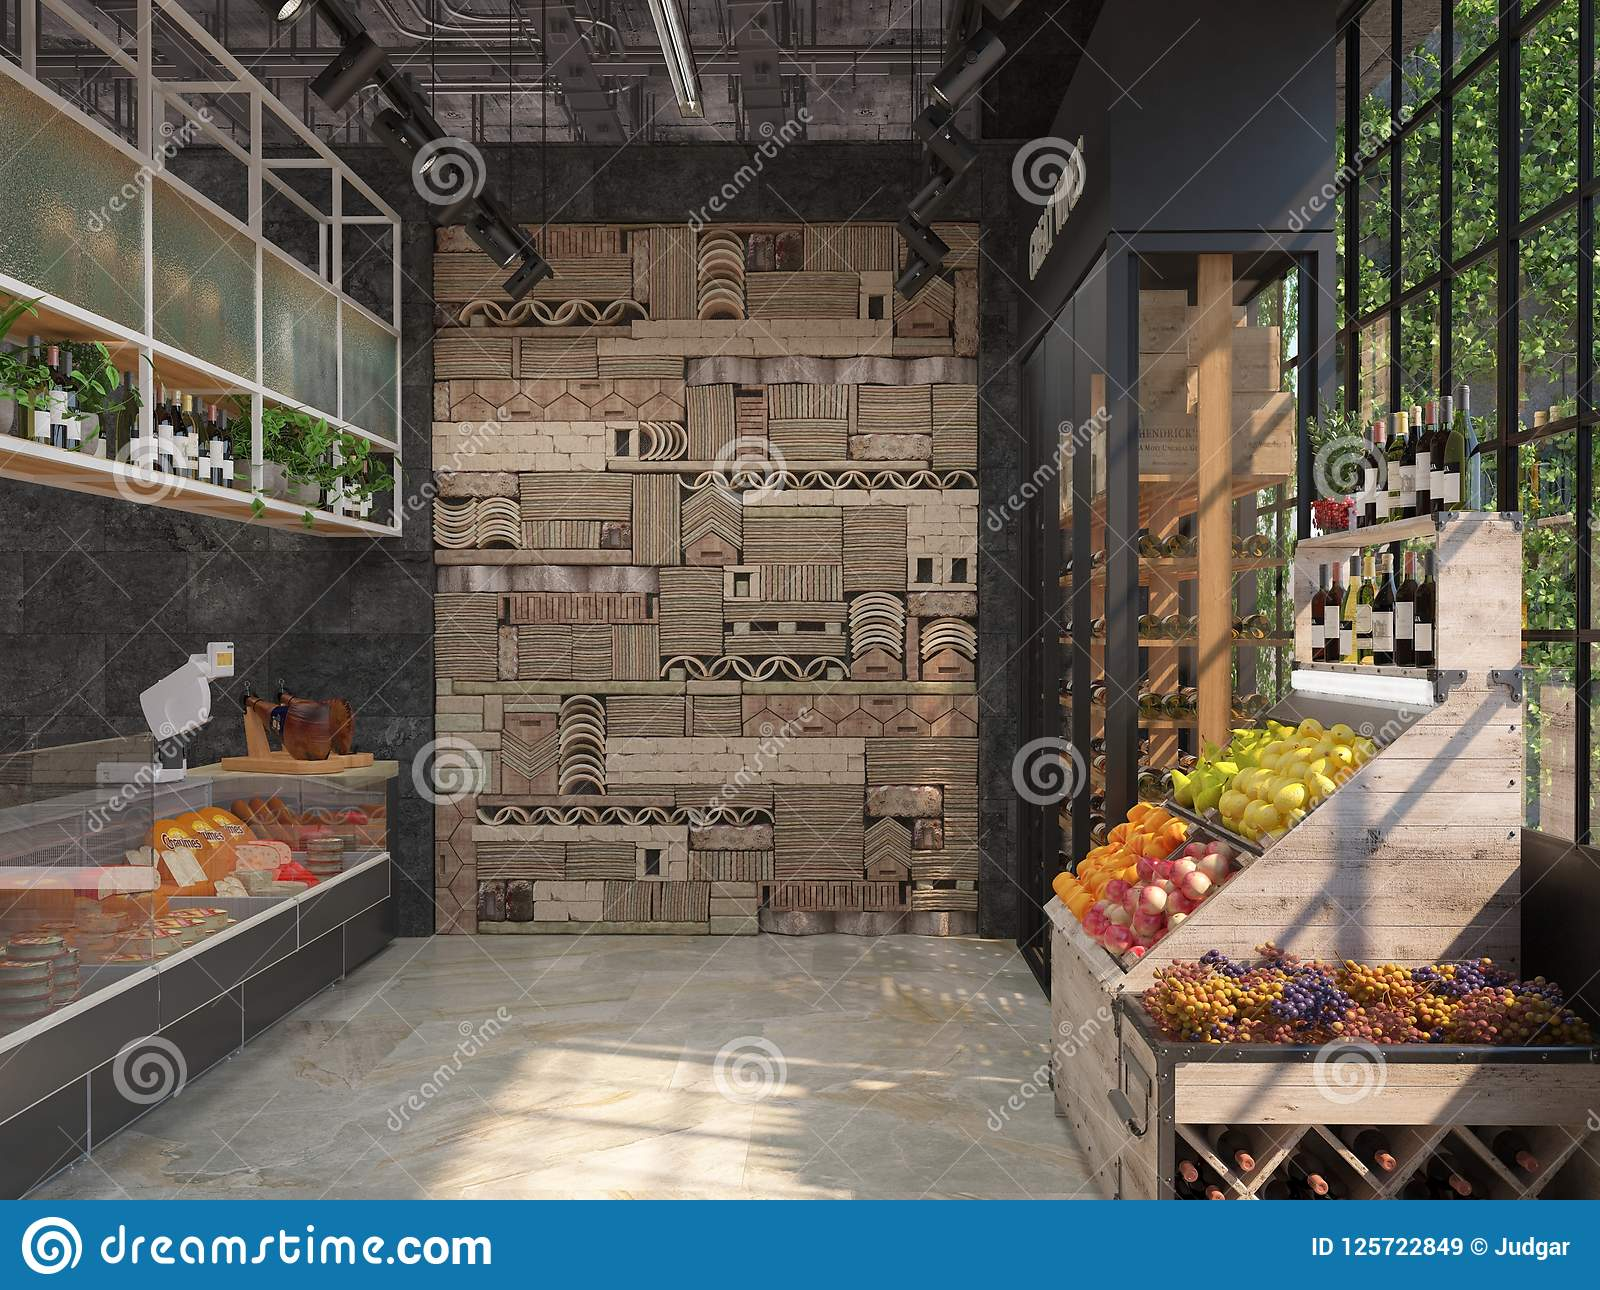 熟食杂货店的室内设计 顶楼样式 贸易的设备用乳酪,酒,果子 3d形象化